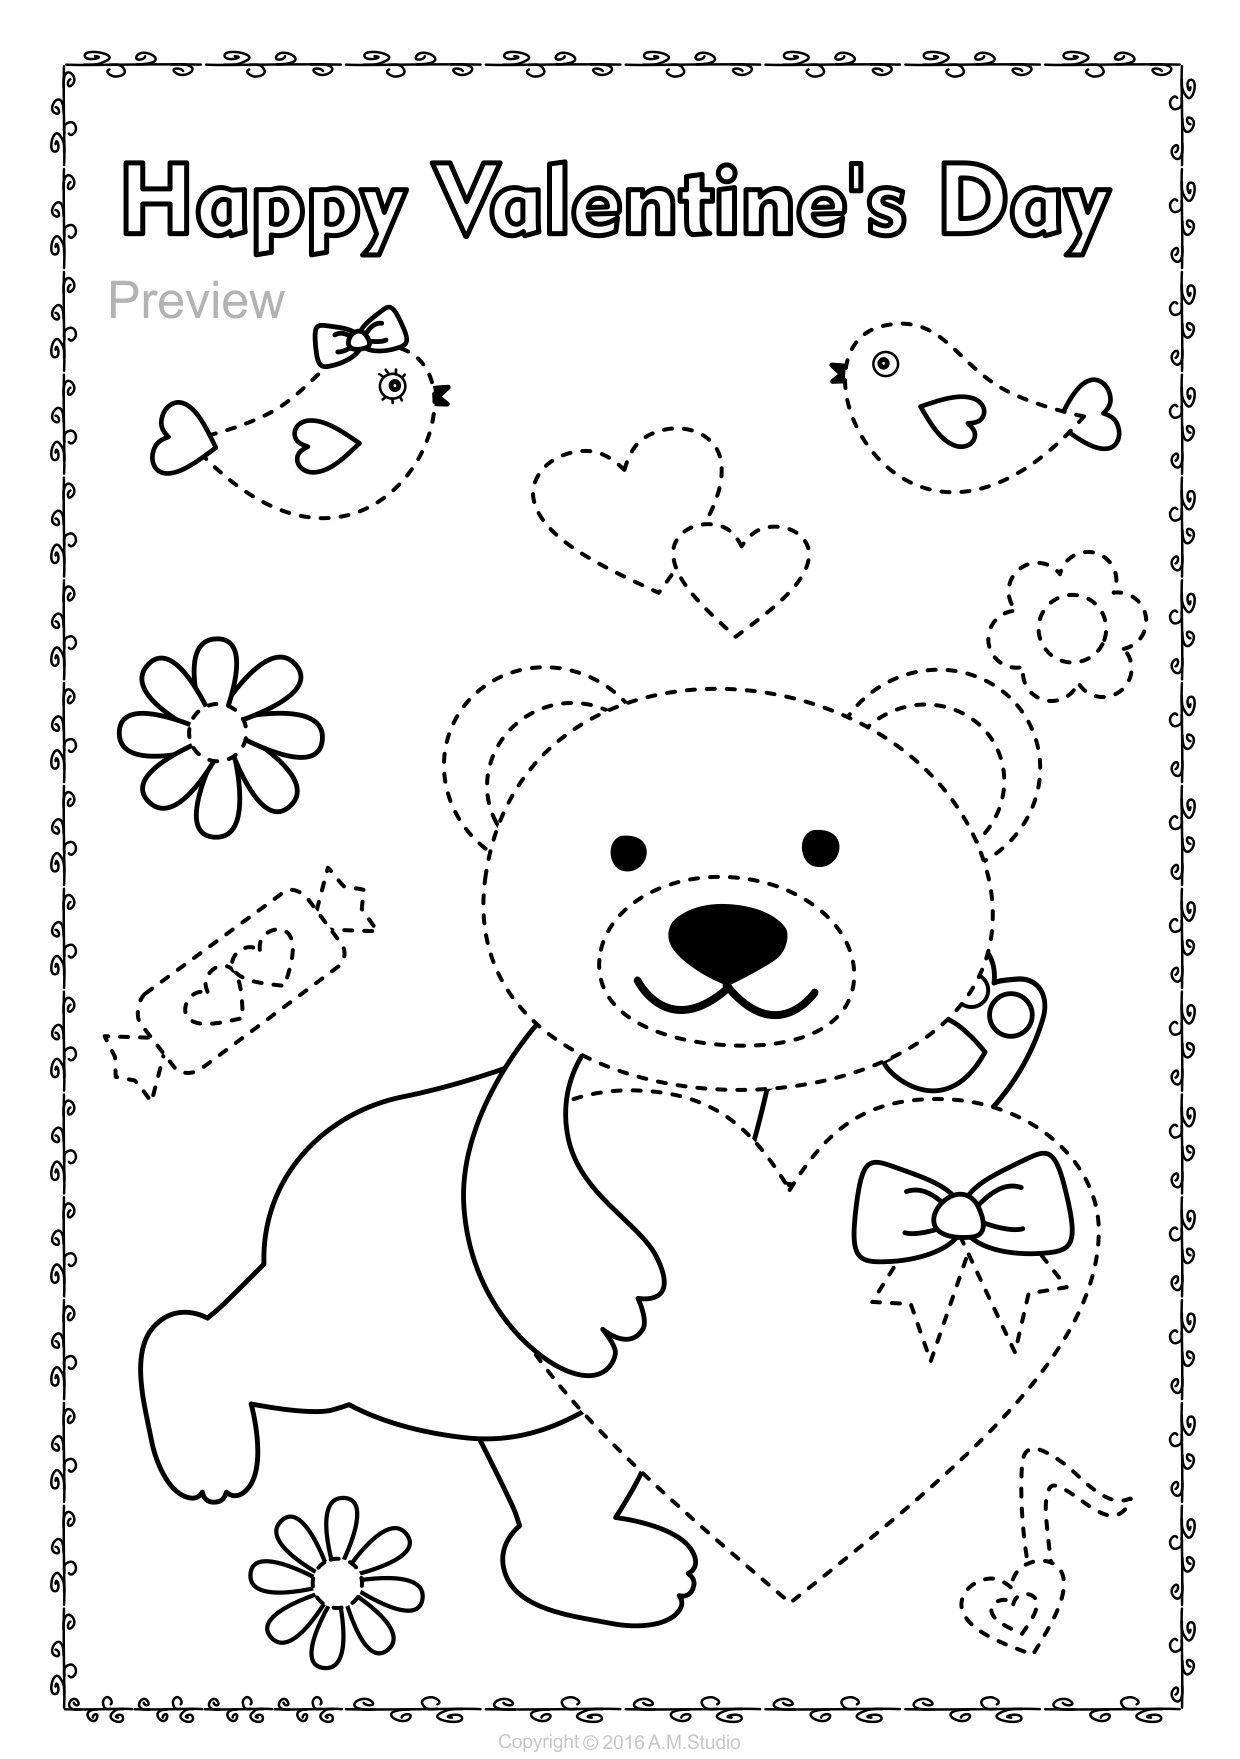 15 Groundhog Day Coloring Worksheets Reginald Penhorst